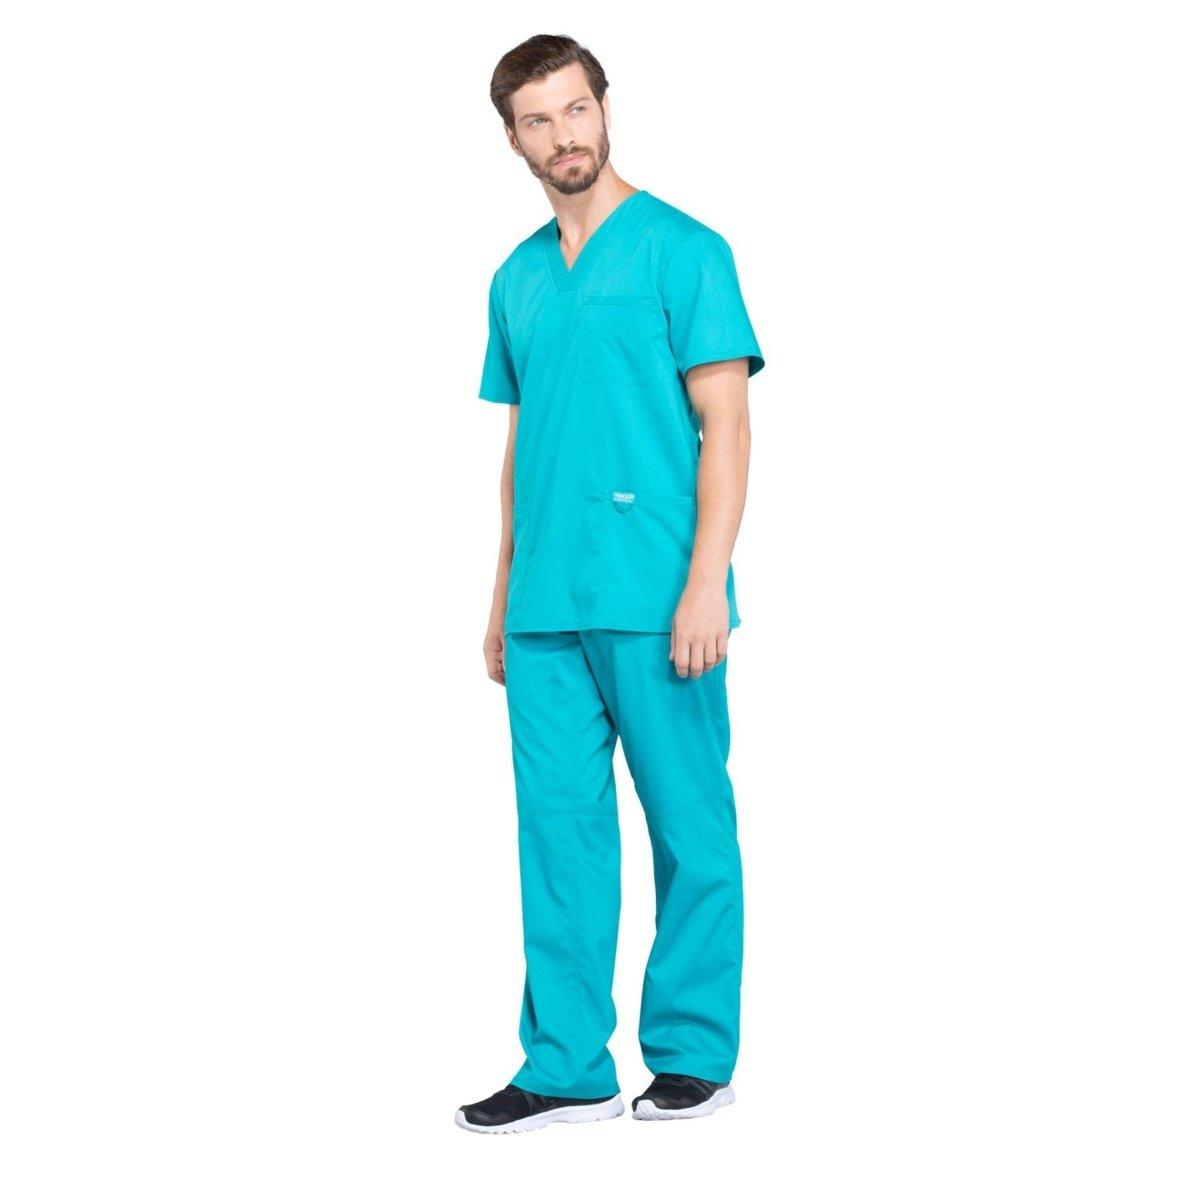 Мужской медицинский костюм Revolution цвет небесный